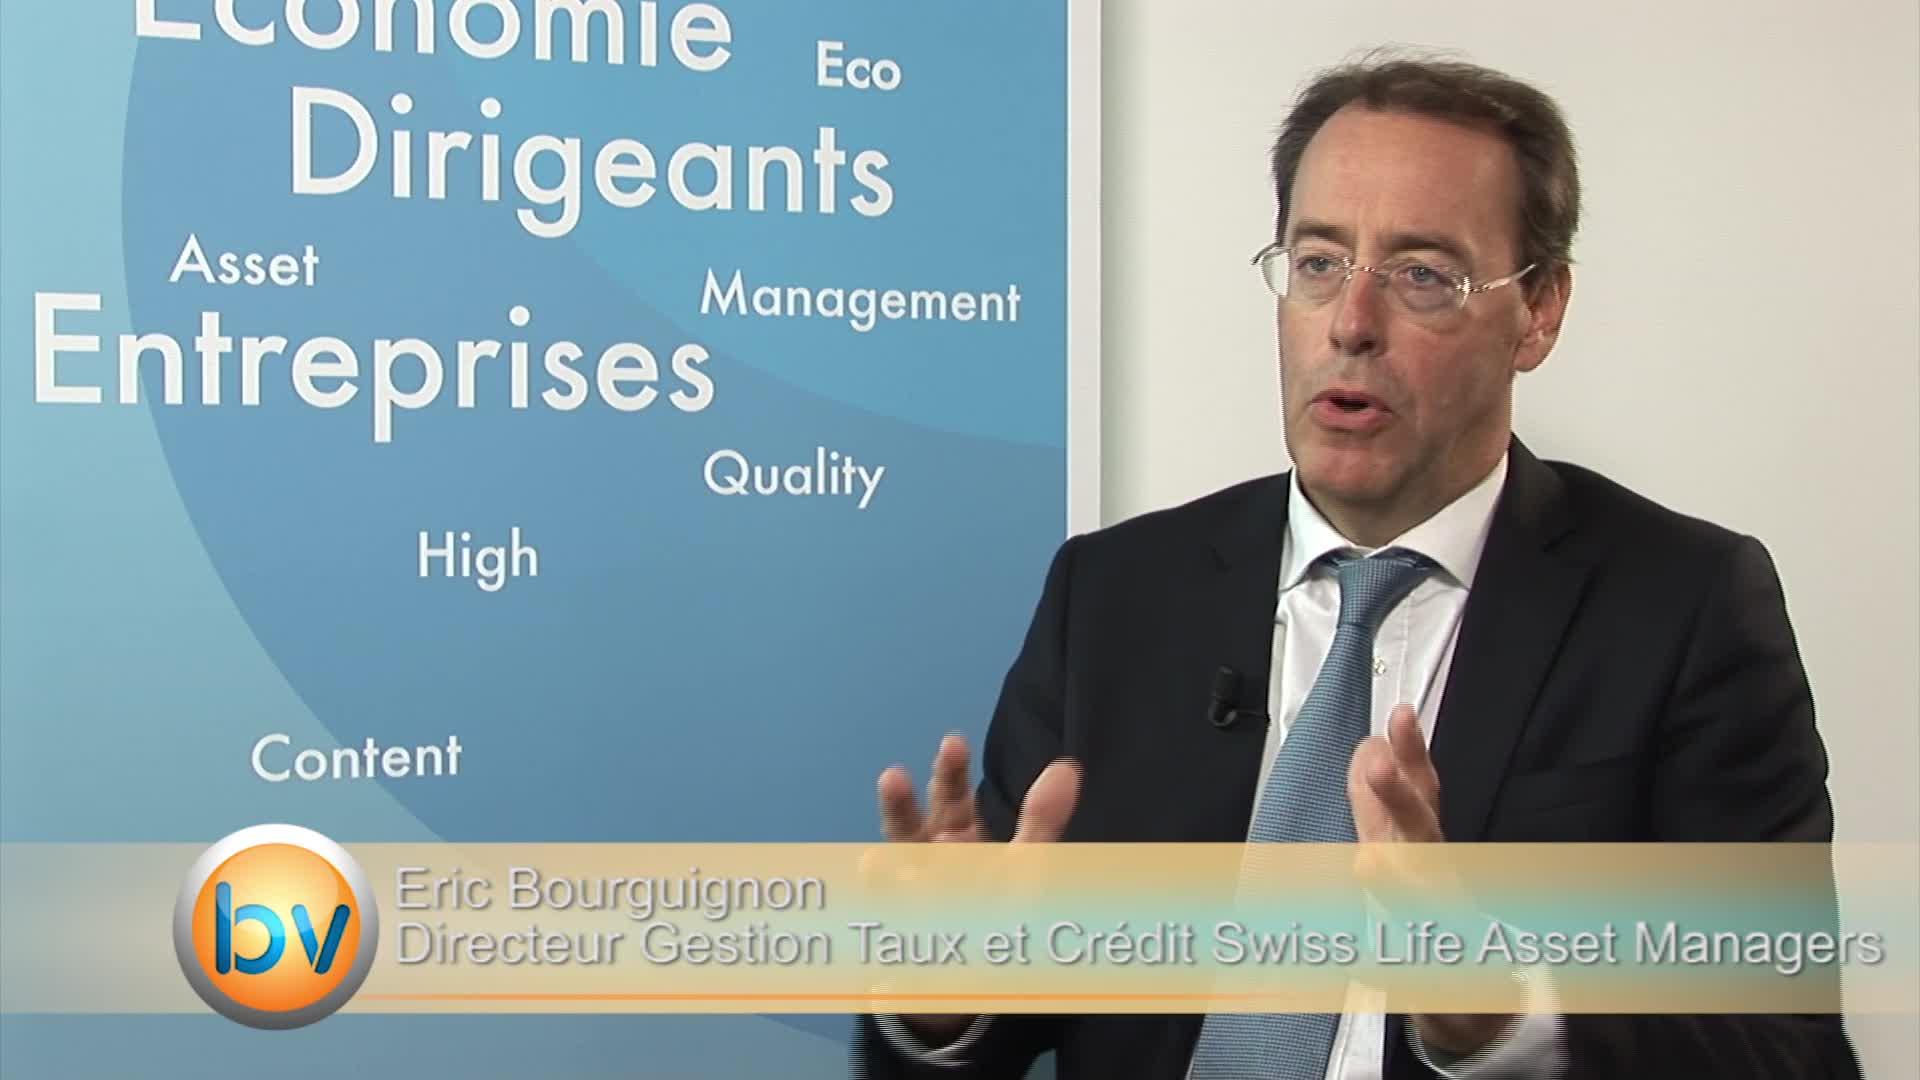 """Eric Bourguignon Directeur de la Gestion Taux et Crédit Swiss Life Asset Managers : """"Il y a un problème de croissance et de surendettement dans le monde"""""""